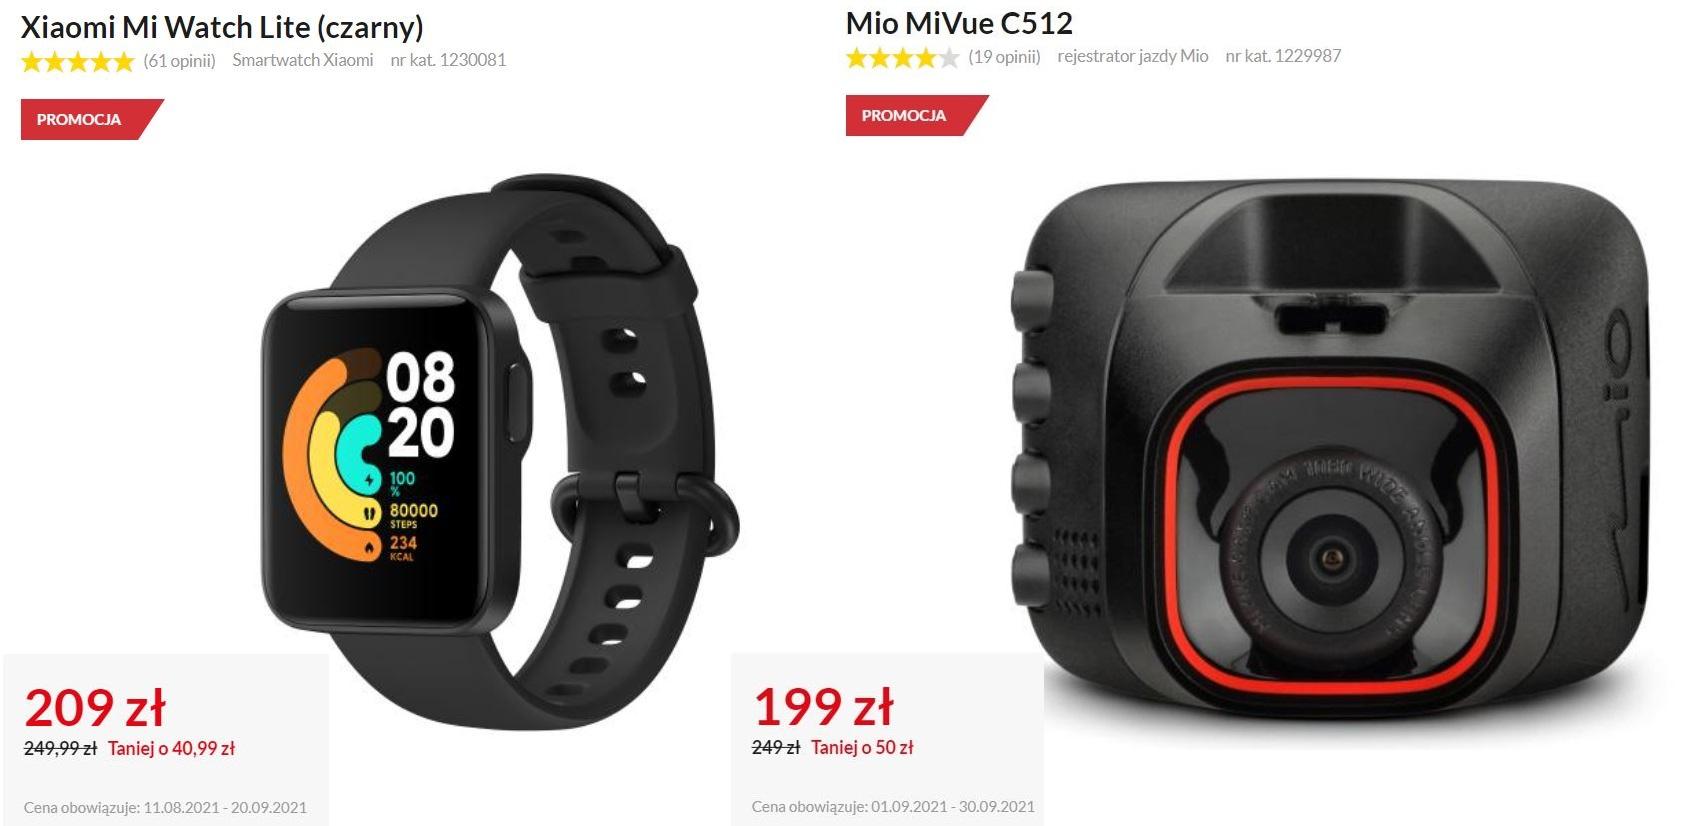 wielorabaty w RTV Euro AGD - Xiaomi Mi Watch Lite i wideorejestrator Mio MiVue